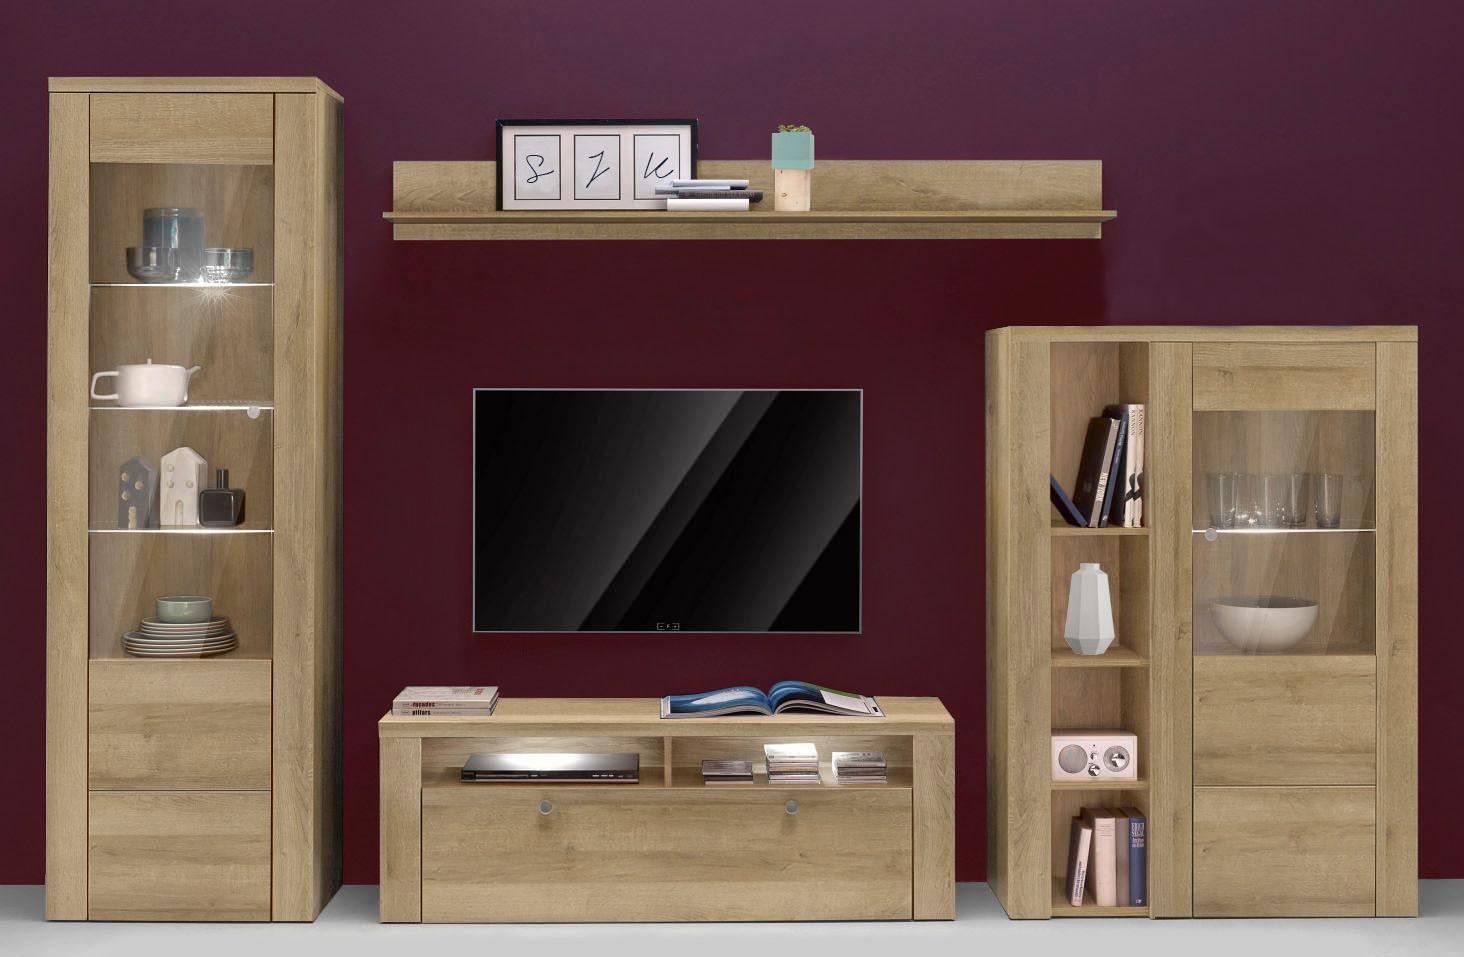 wohnwand anbauwand 4 teilig eiche riviera 12703 wohnw nde wohnzimmer feldmann wohnen. Black Bedroom Furniture Sets. Home Design Ideas